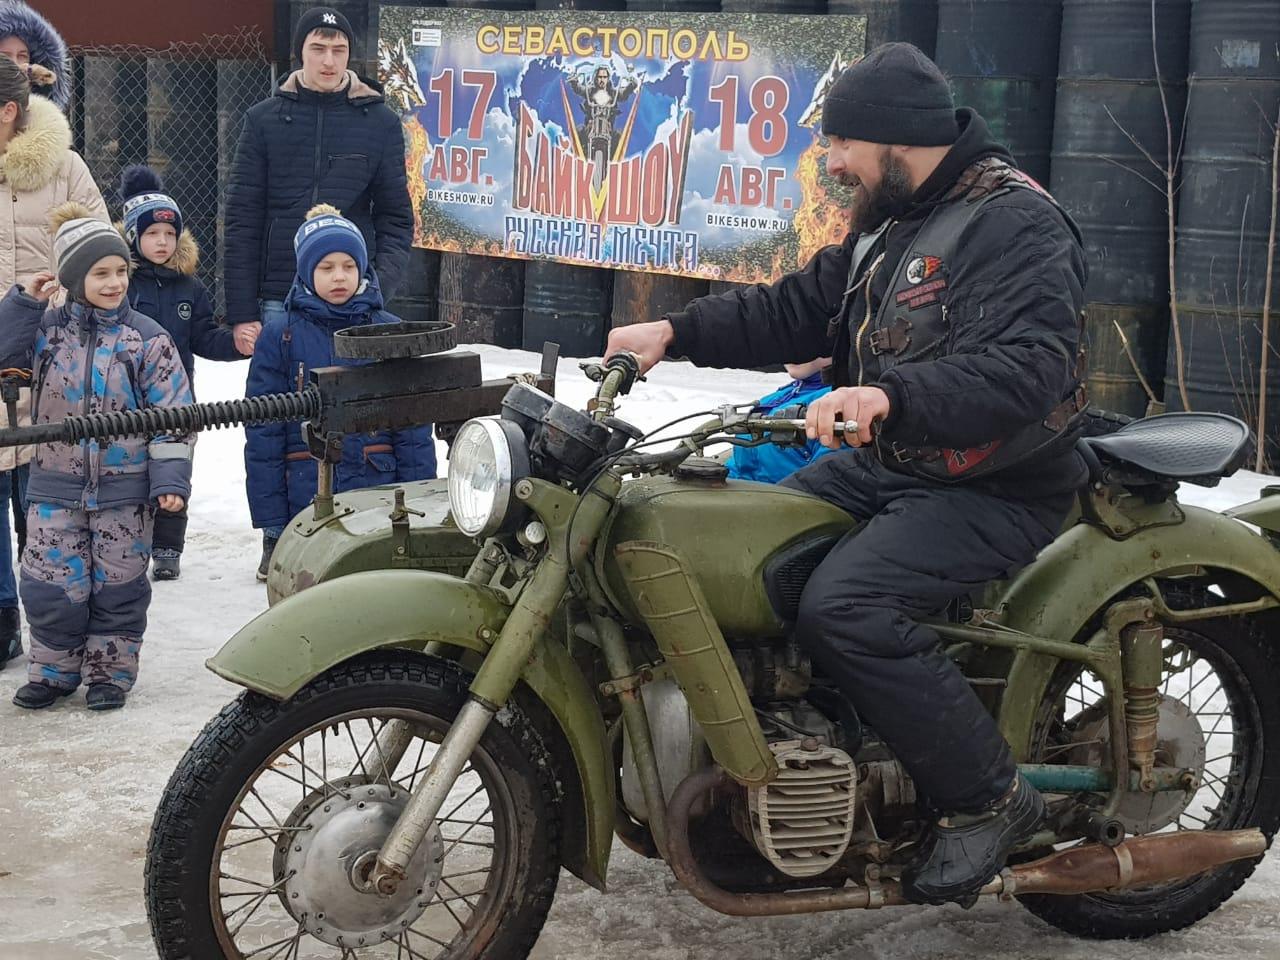 В Тверской области волонтеры организовали Мото-Масленицу для детей из многодетных семей и детей с ограниченными возможностями